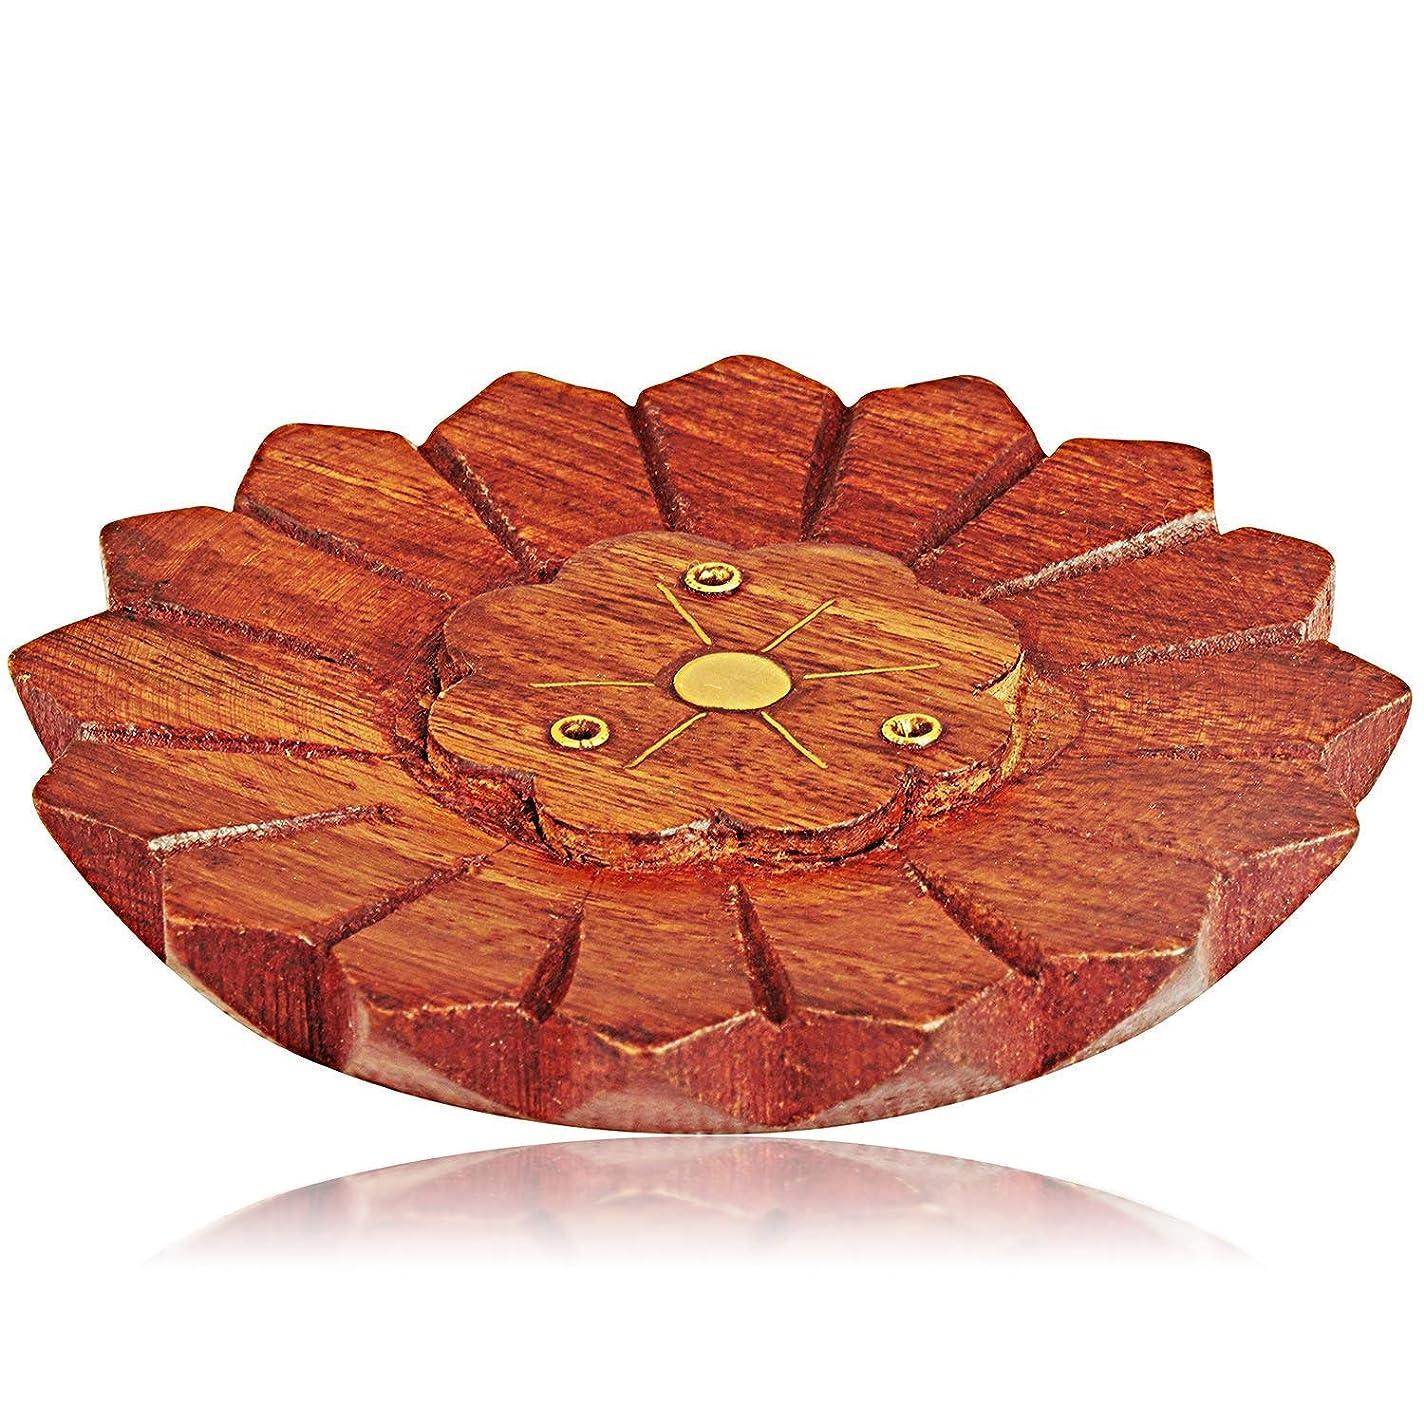 不毛対称通知母の日ギフト木製お香スティックバーナーホルダー有機Eco Friendly AshキャッチャートレイAgarbattiホルダー素朴なスタイル手彫りの瞑想ヨガアロマテラピーHome Fragrance製品